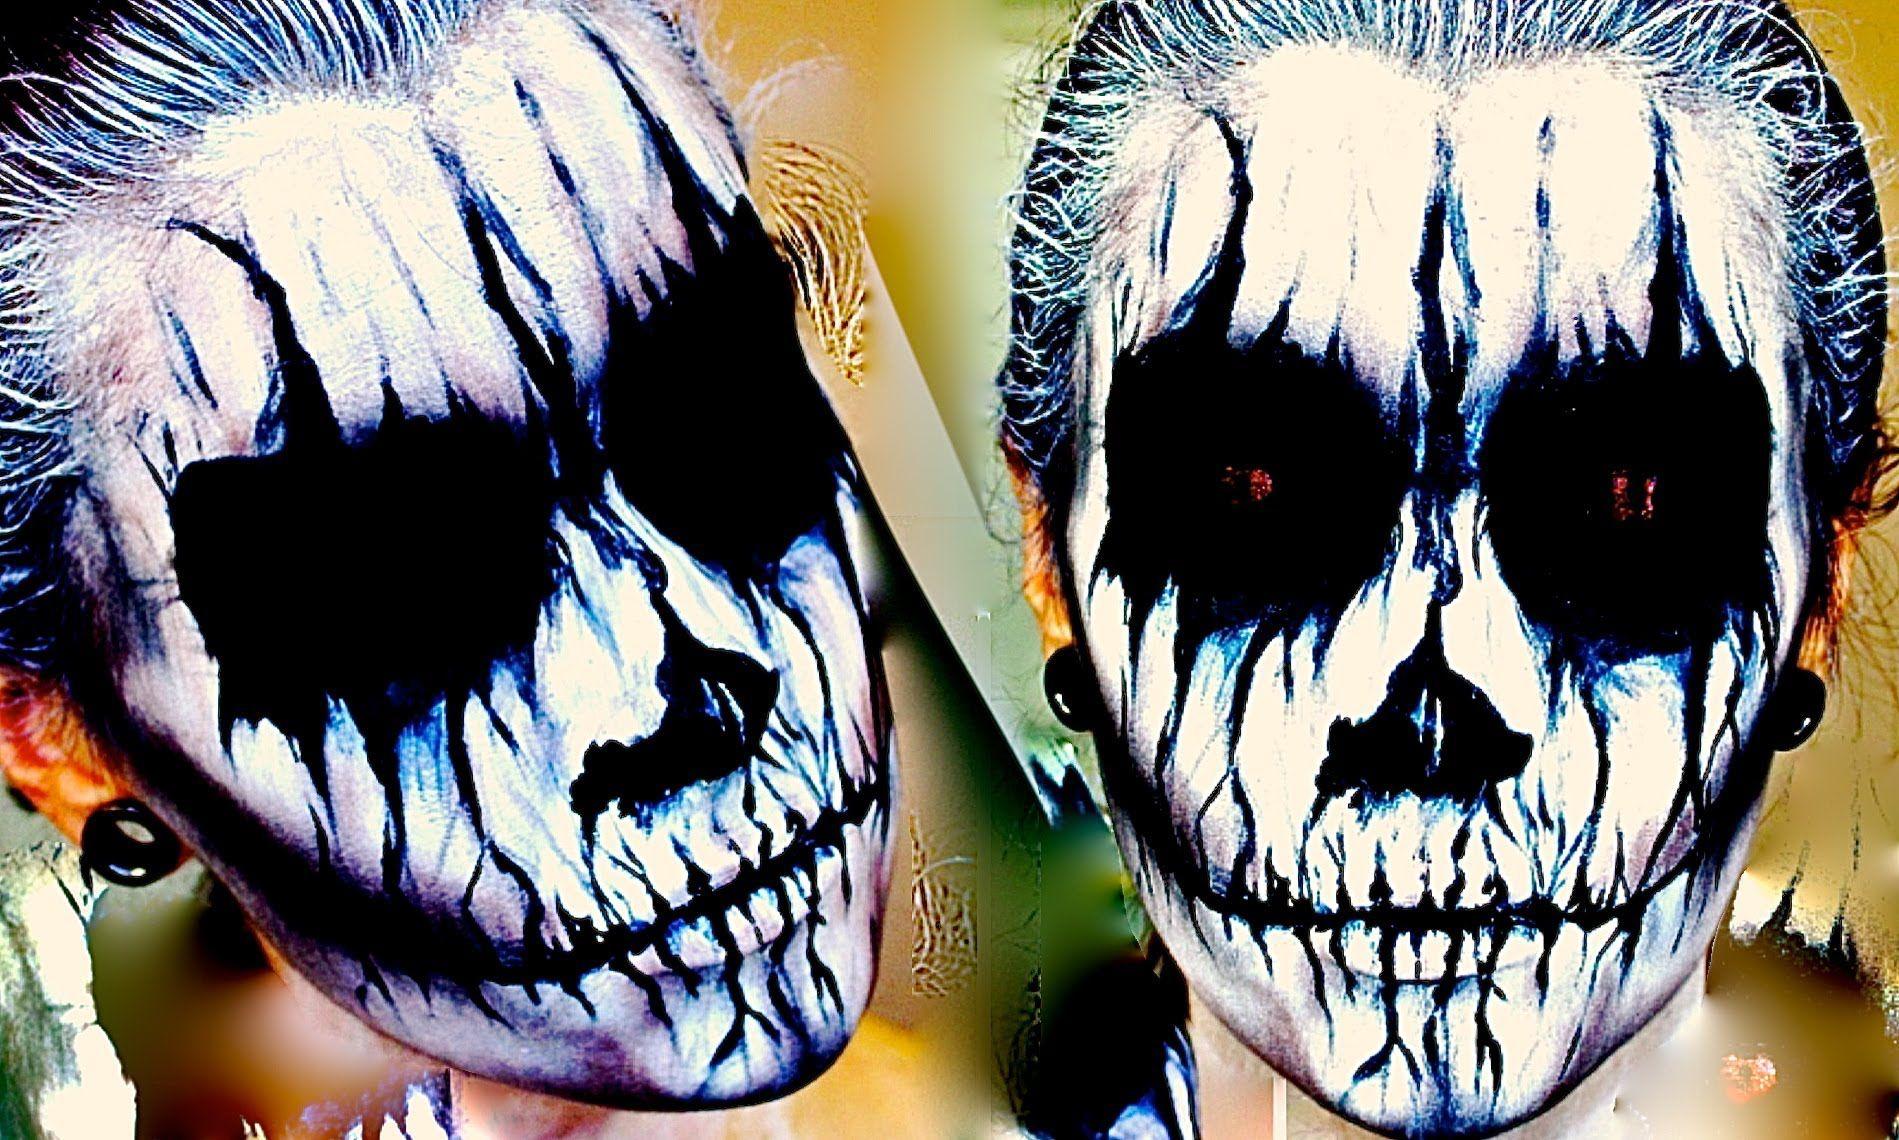 Image from http://i.ytimg.com/vi/6Pk7zJiAV_0/maxresdefault.jpg.